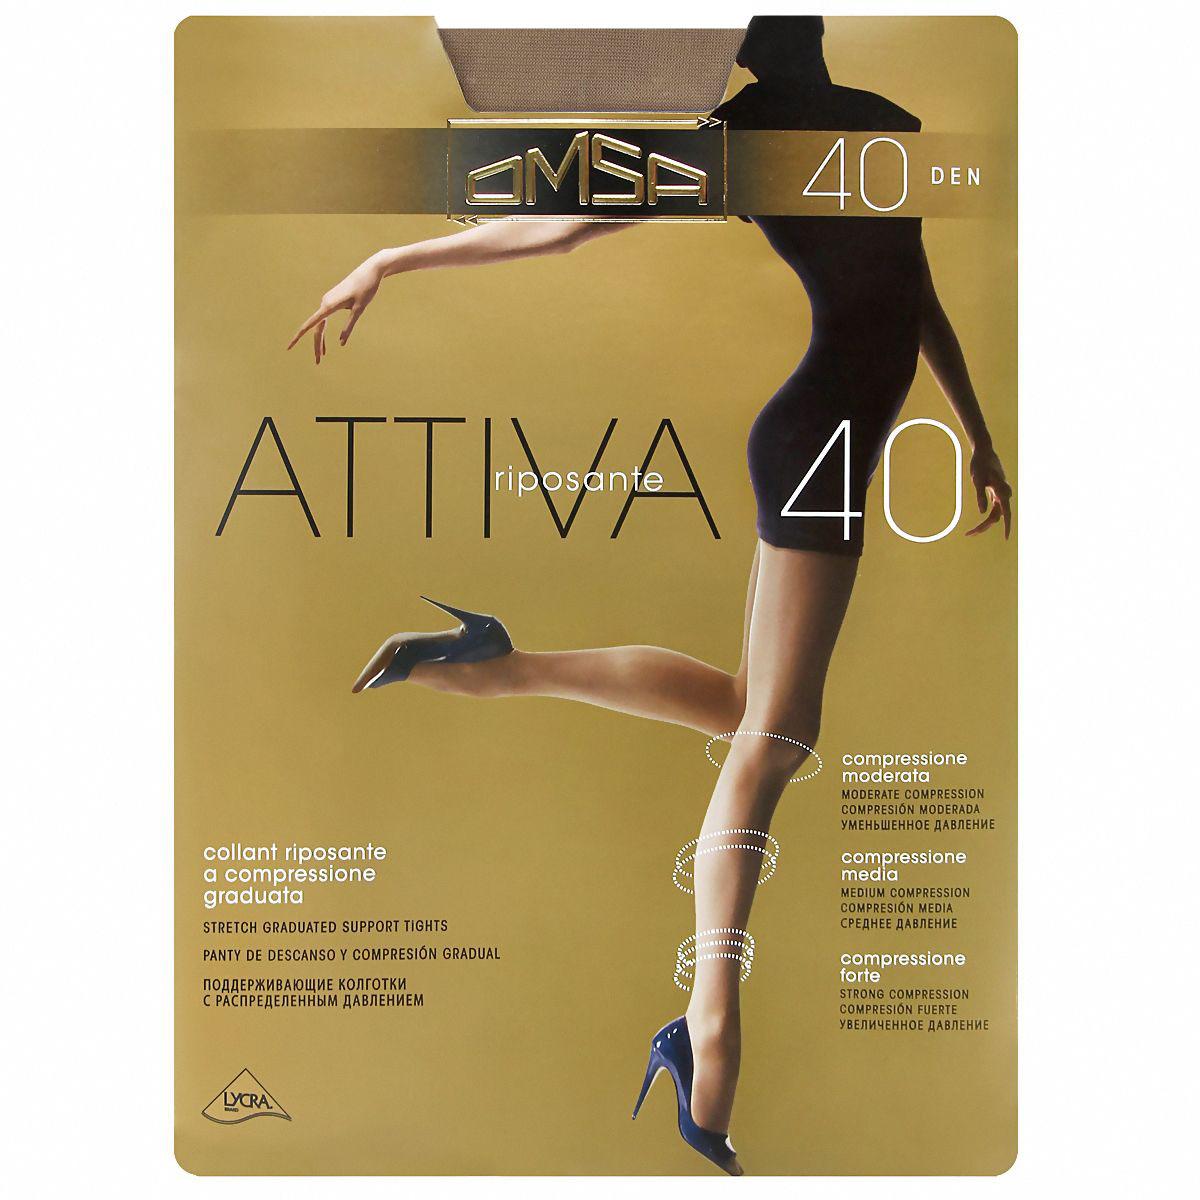 Колготки Omsa ATTIVA 40 /  Daino  (Загар) / 4 (L) ATTIVA по цене 279